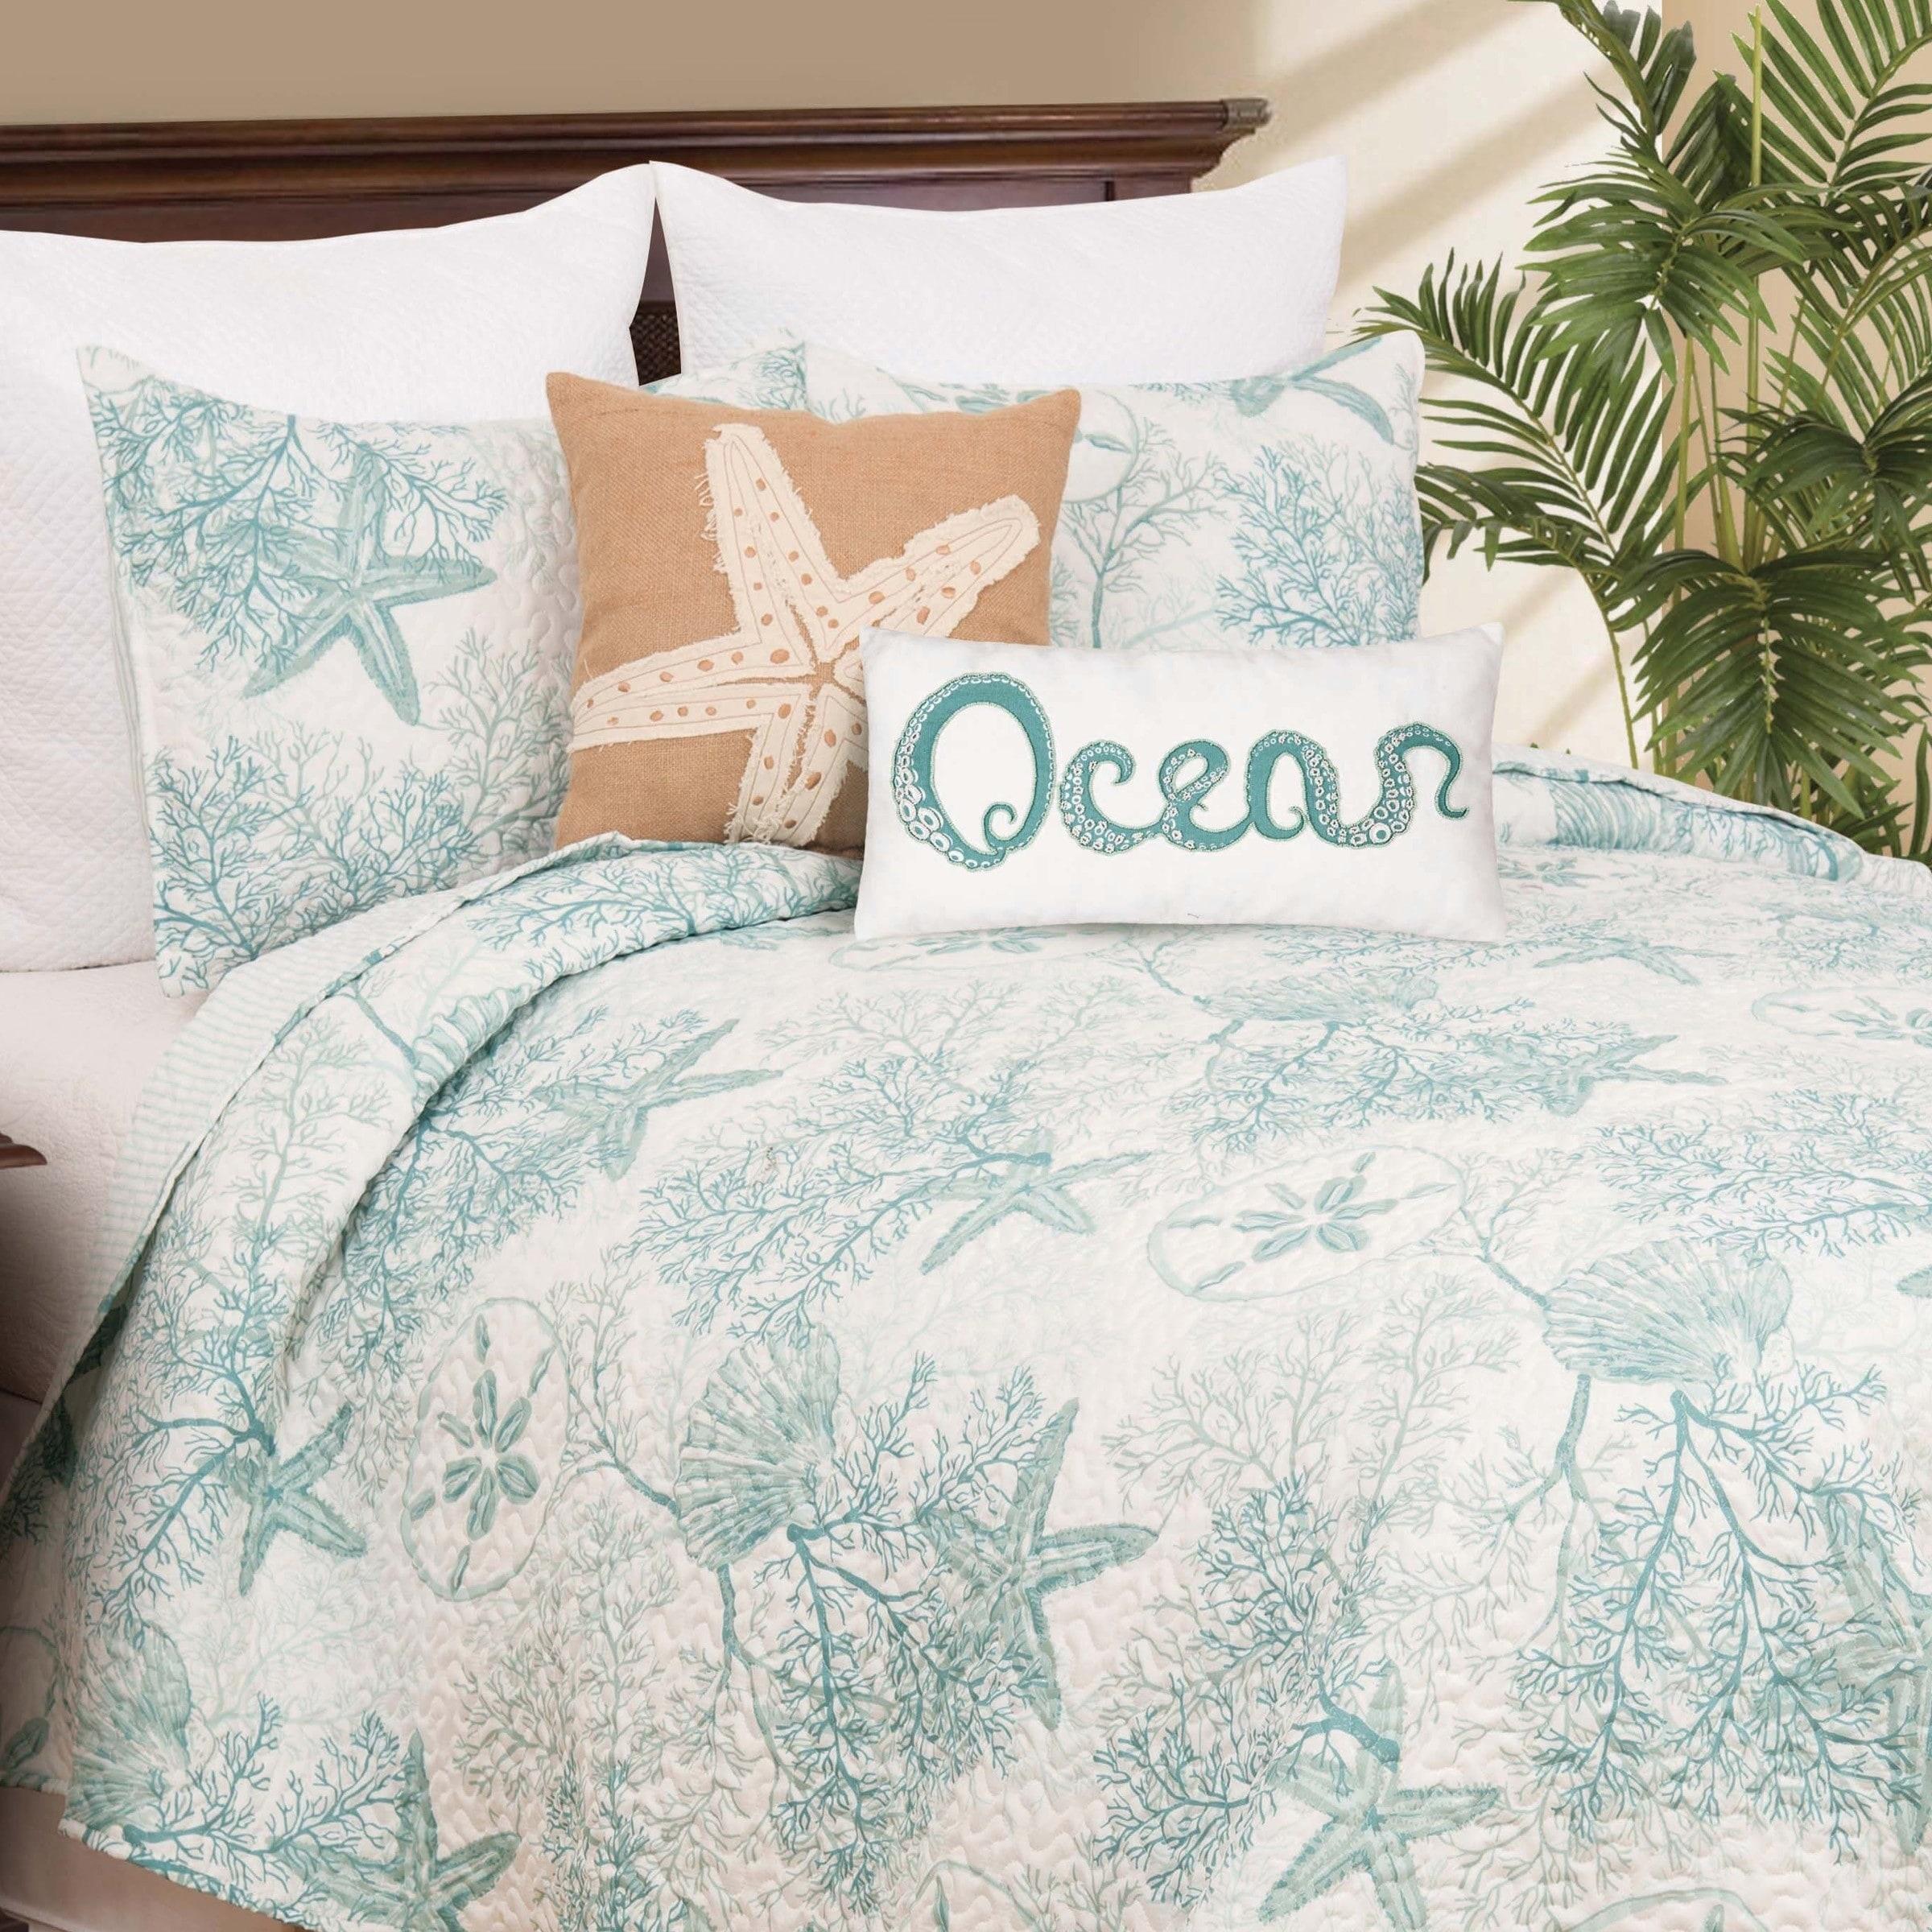 Full Queen King Bed Aqua Blue Coral Nautical Seashell Coastal 5 Pc Comforter Set Comforters Bedding Sets